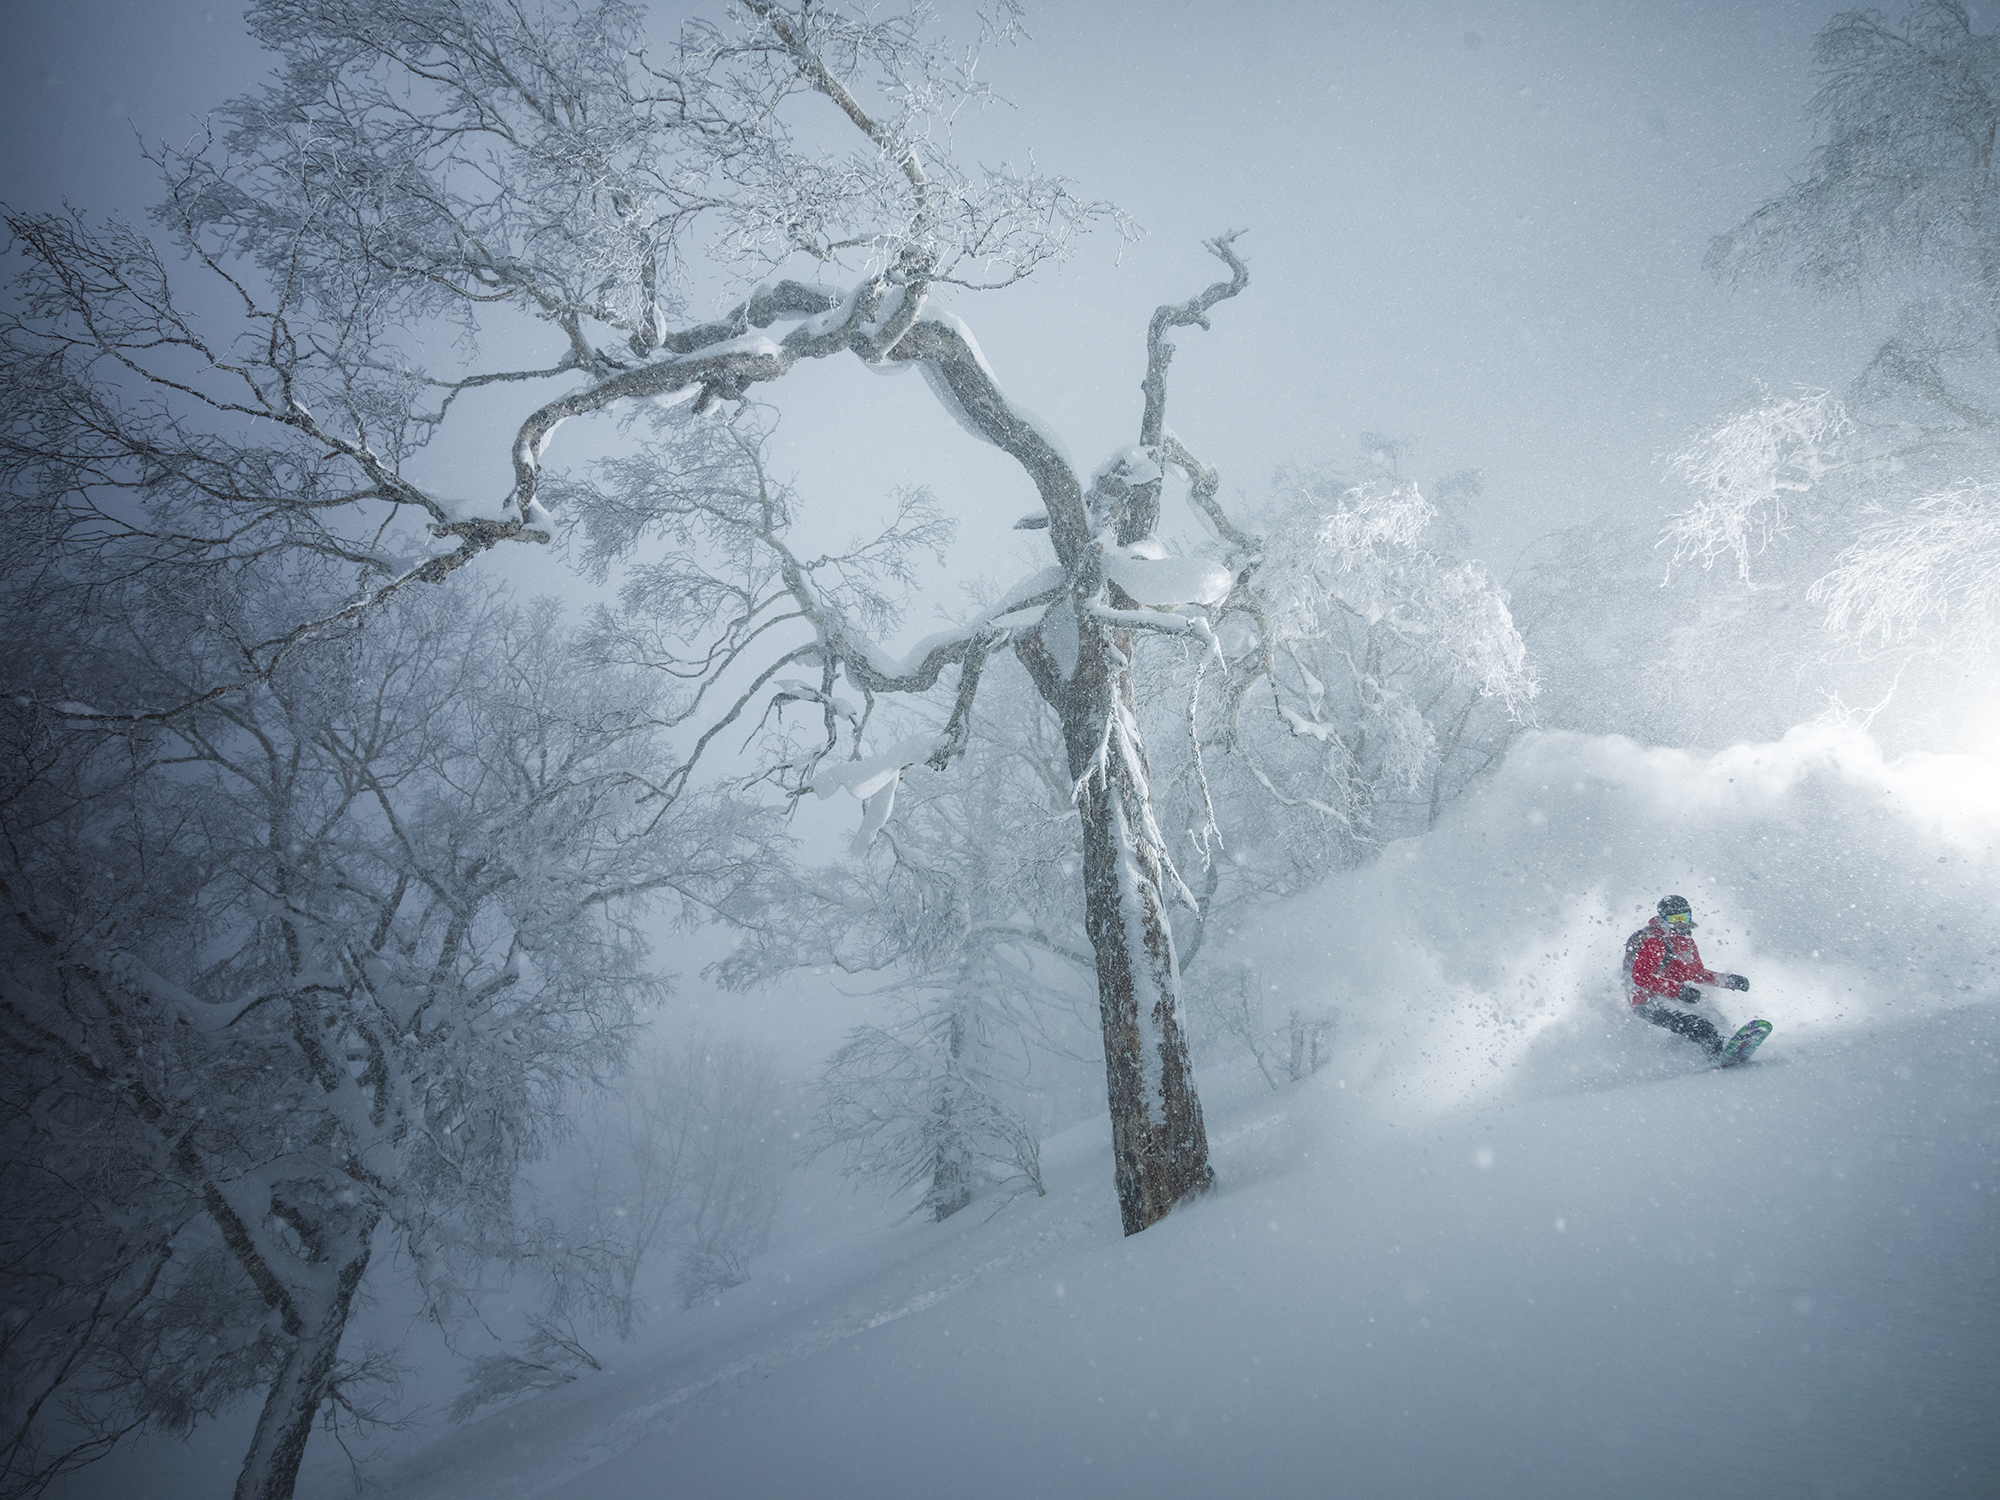 Kaitlyn Farrington. Hokkaido, Japan. Photography by Tim Kemple.